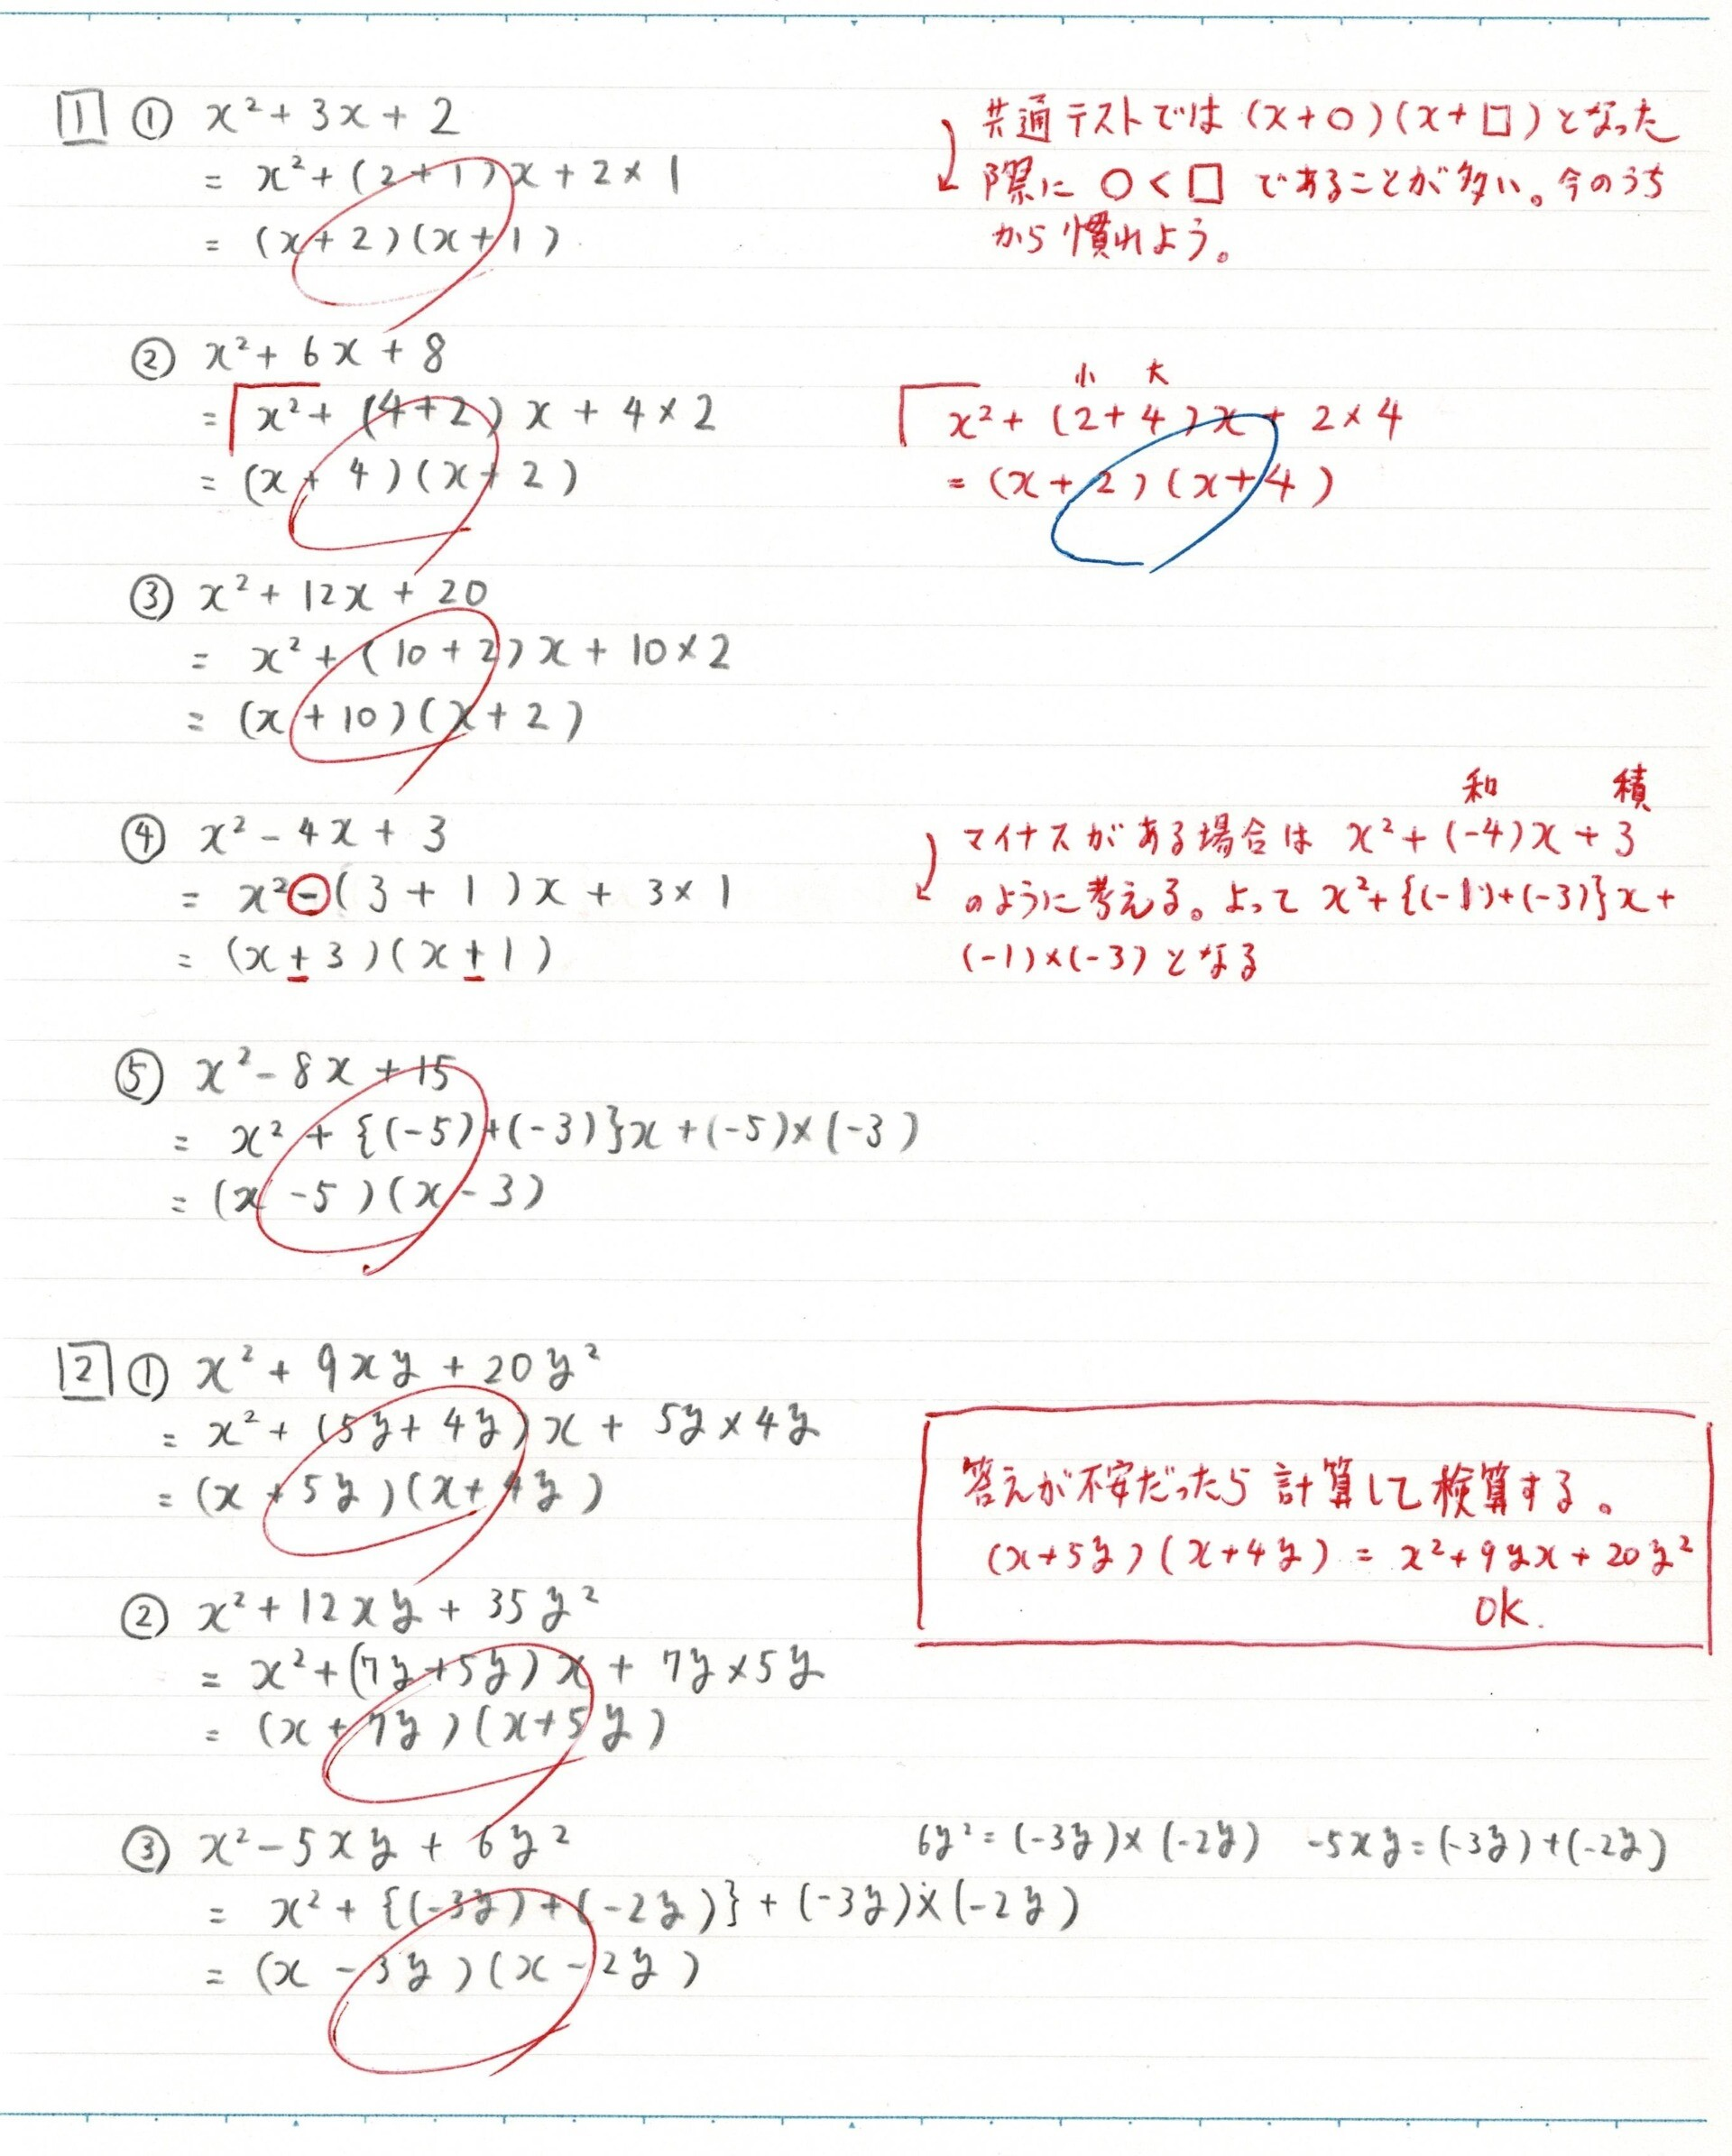 書き込みをした数学ノート